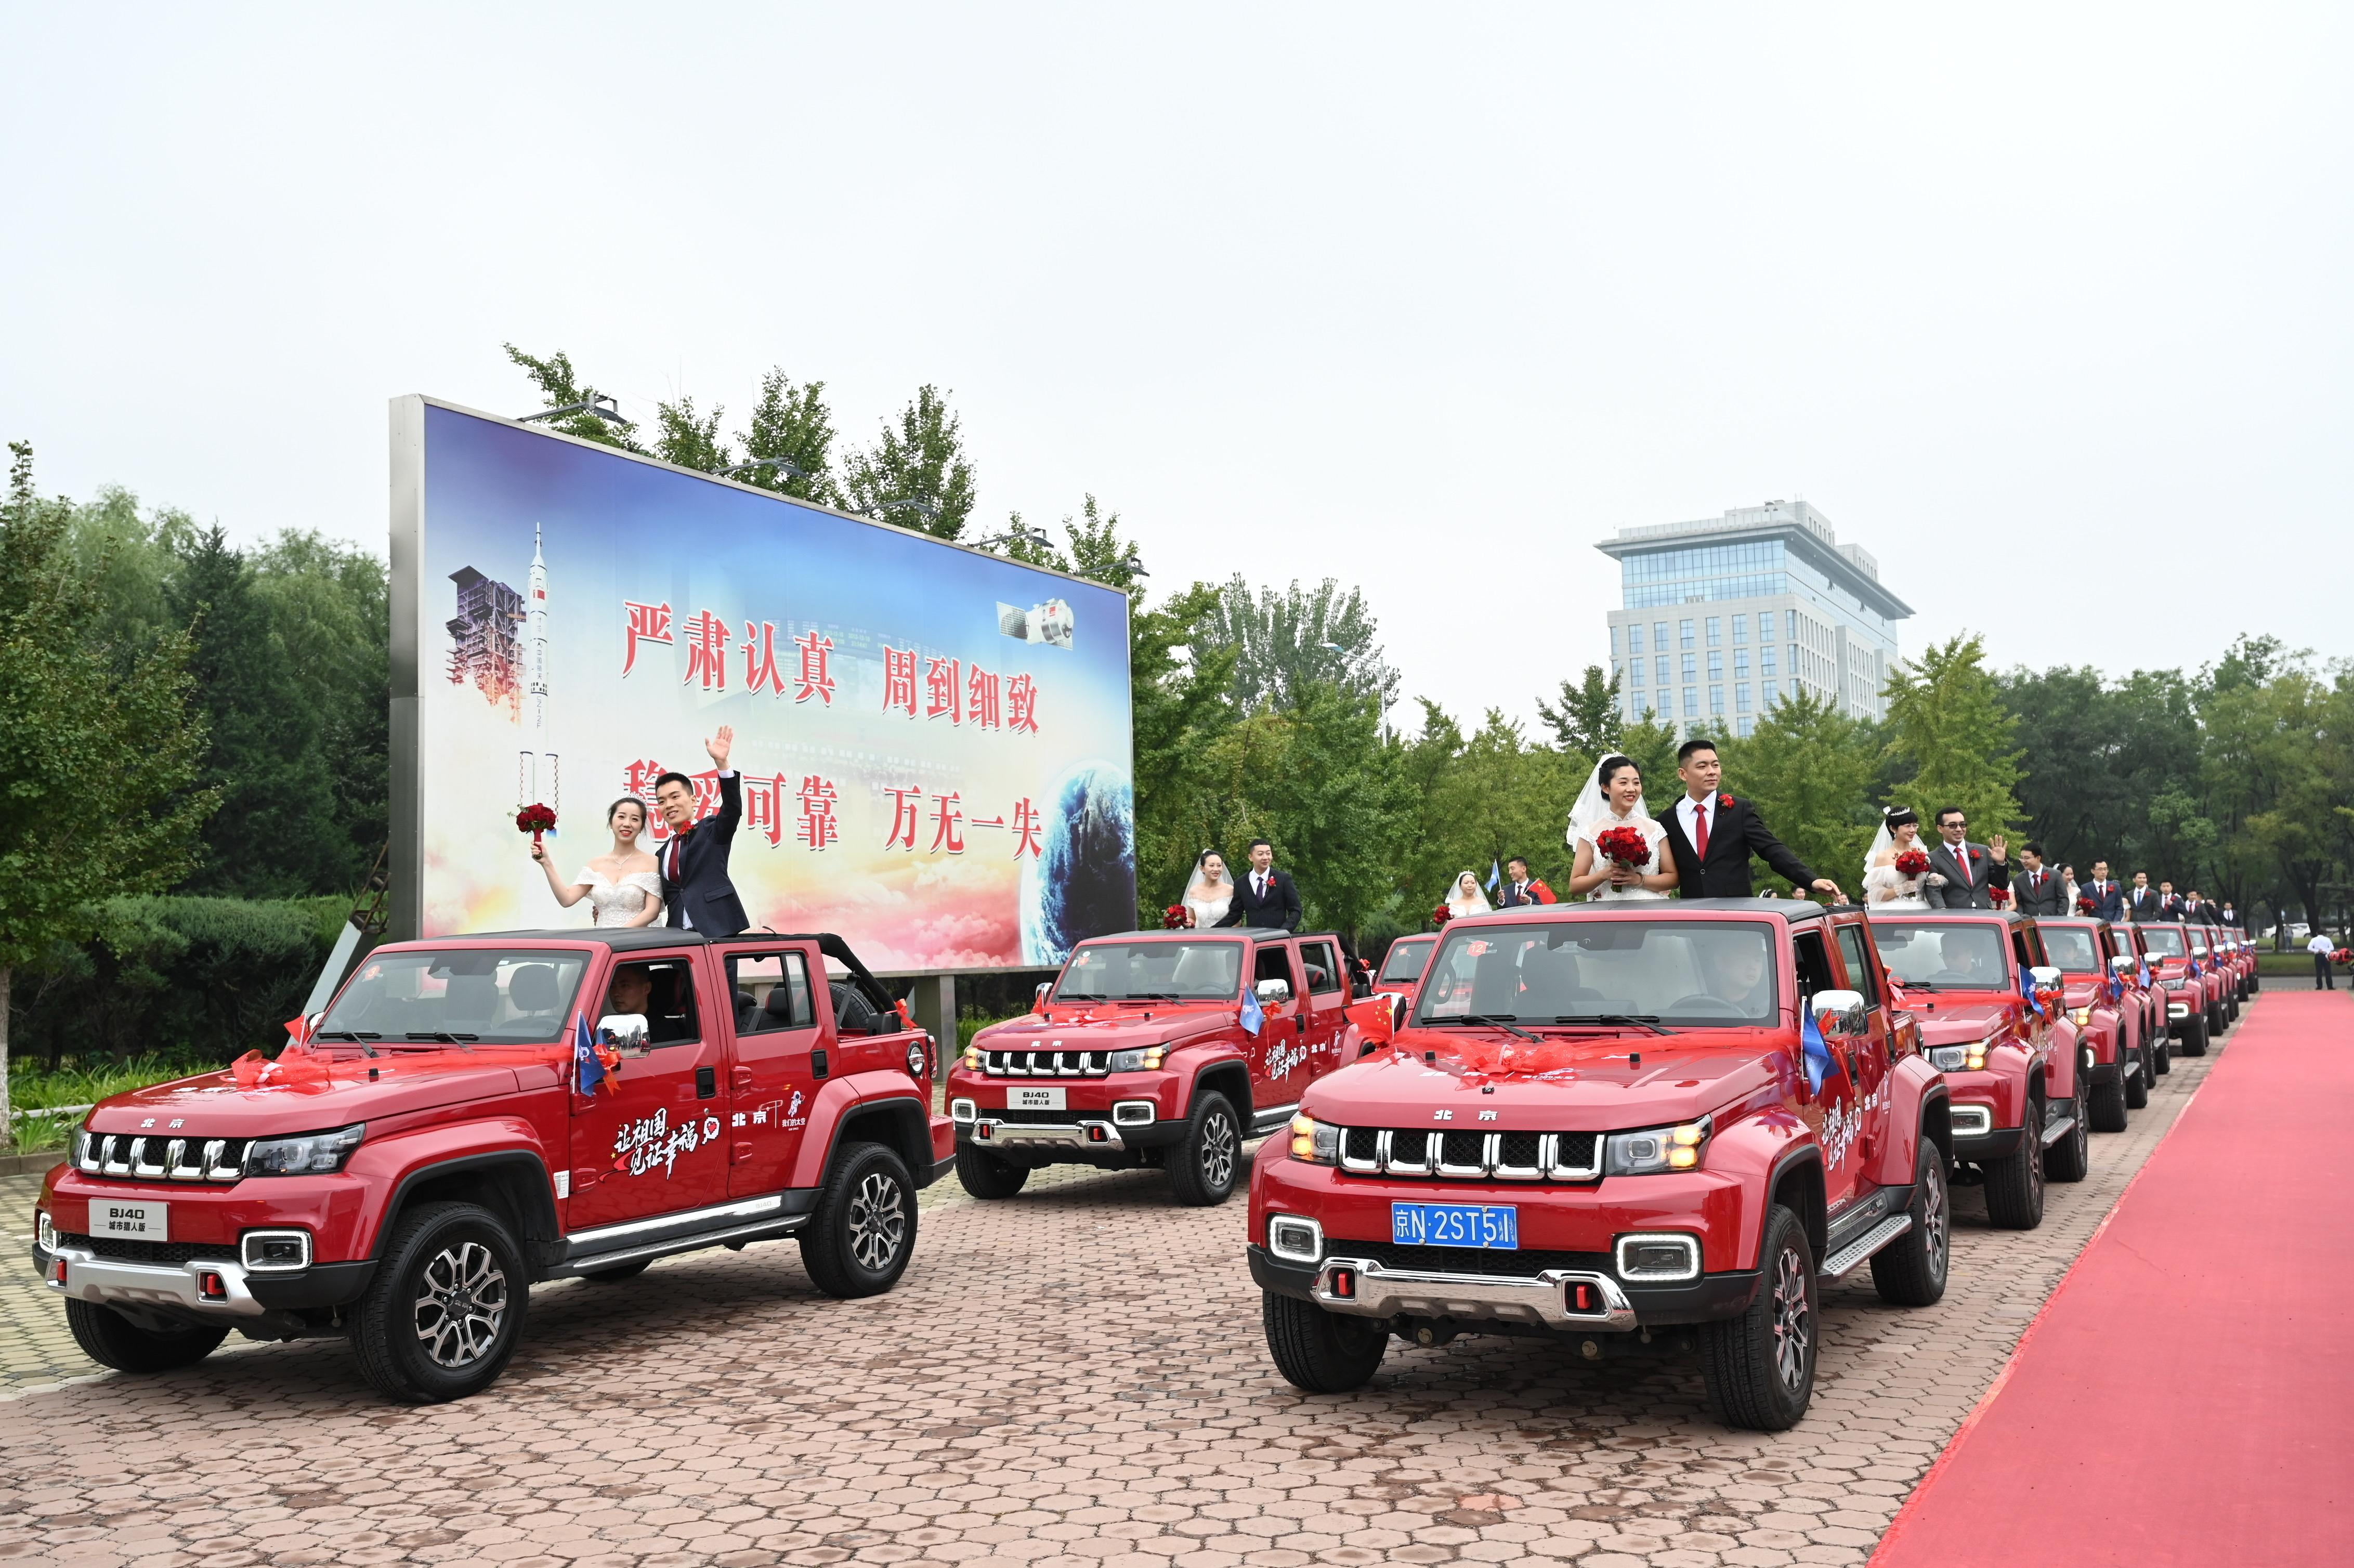 祖国见证的幸福,礼成!中国航天人七地同步举行大型集体婚礼